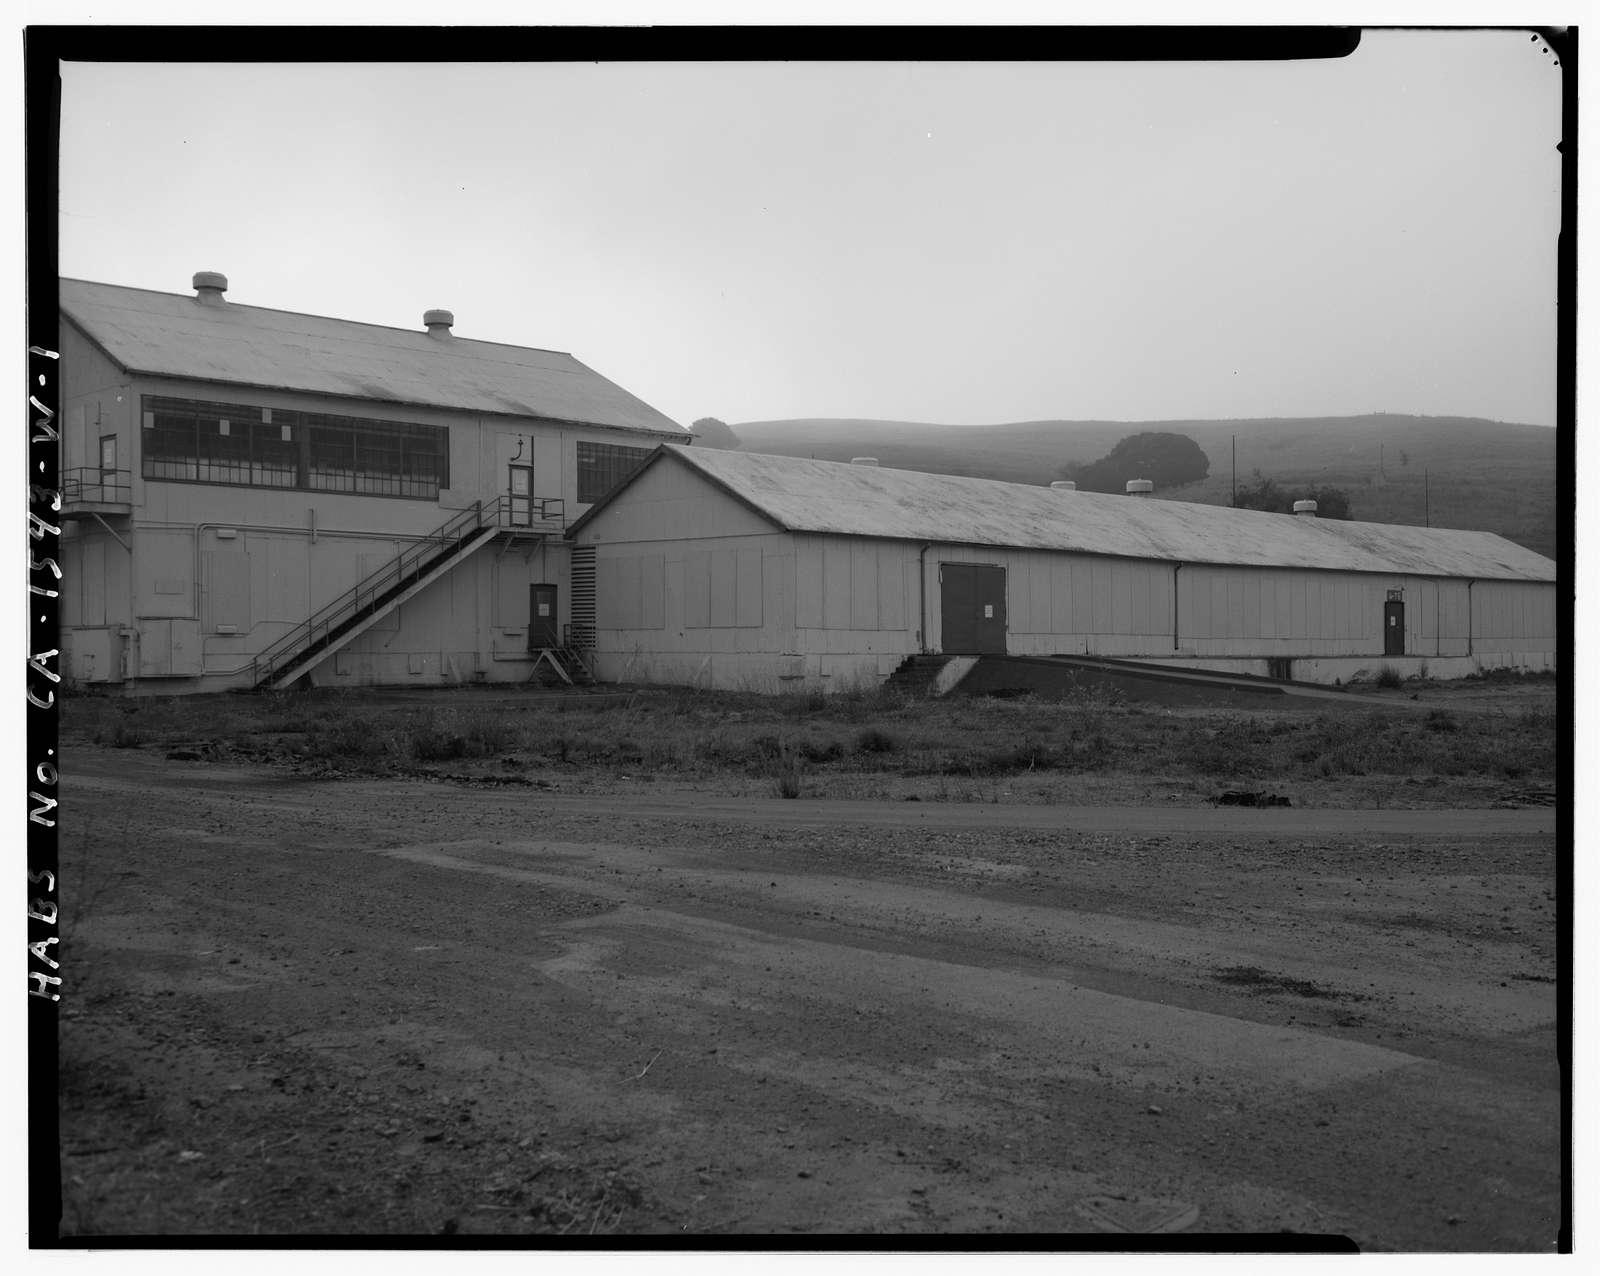 Mare Island Naval Shipyard, Magazine, California Avenue north of Fourth Street, Vallejo, Solano County, CA